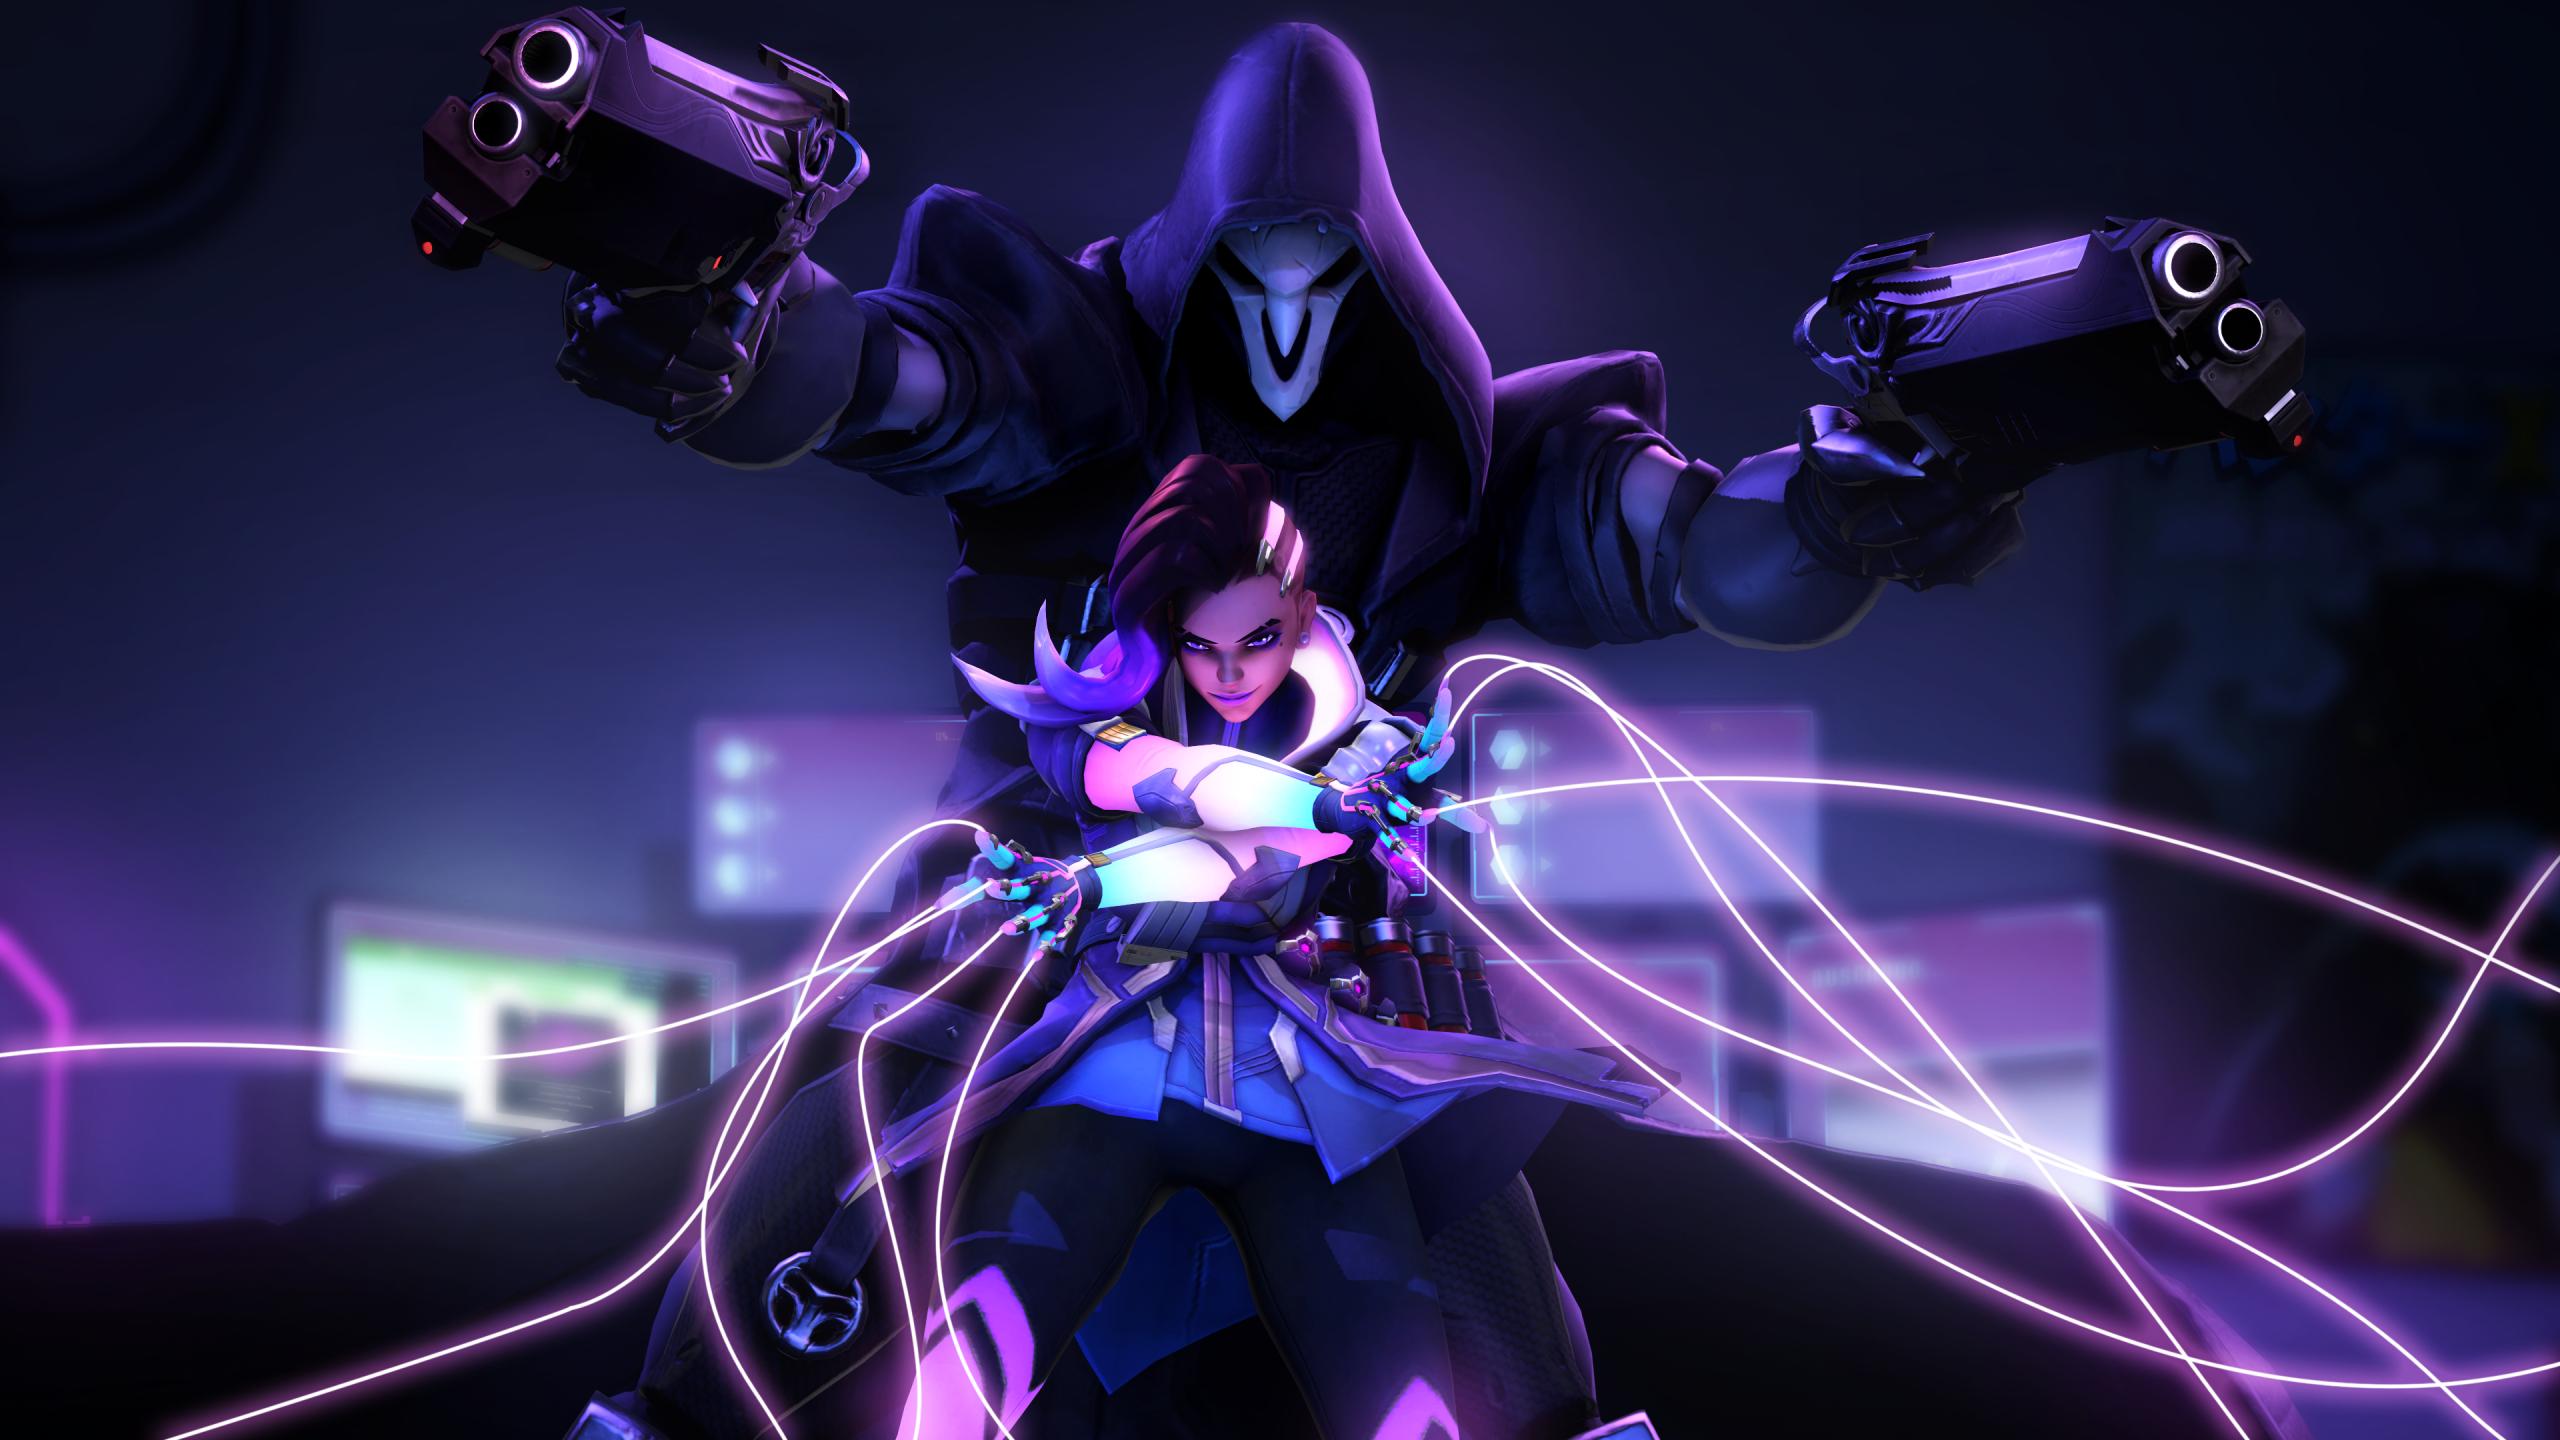 2560x1440 Sombra Reaper Overwatch 4k 1440P Resolution ...